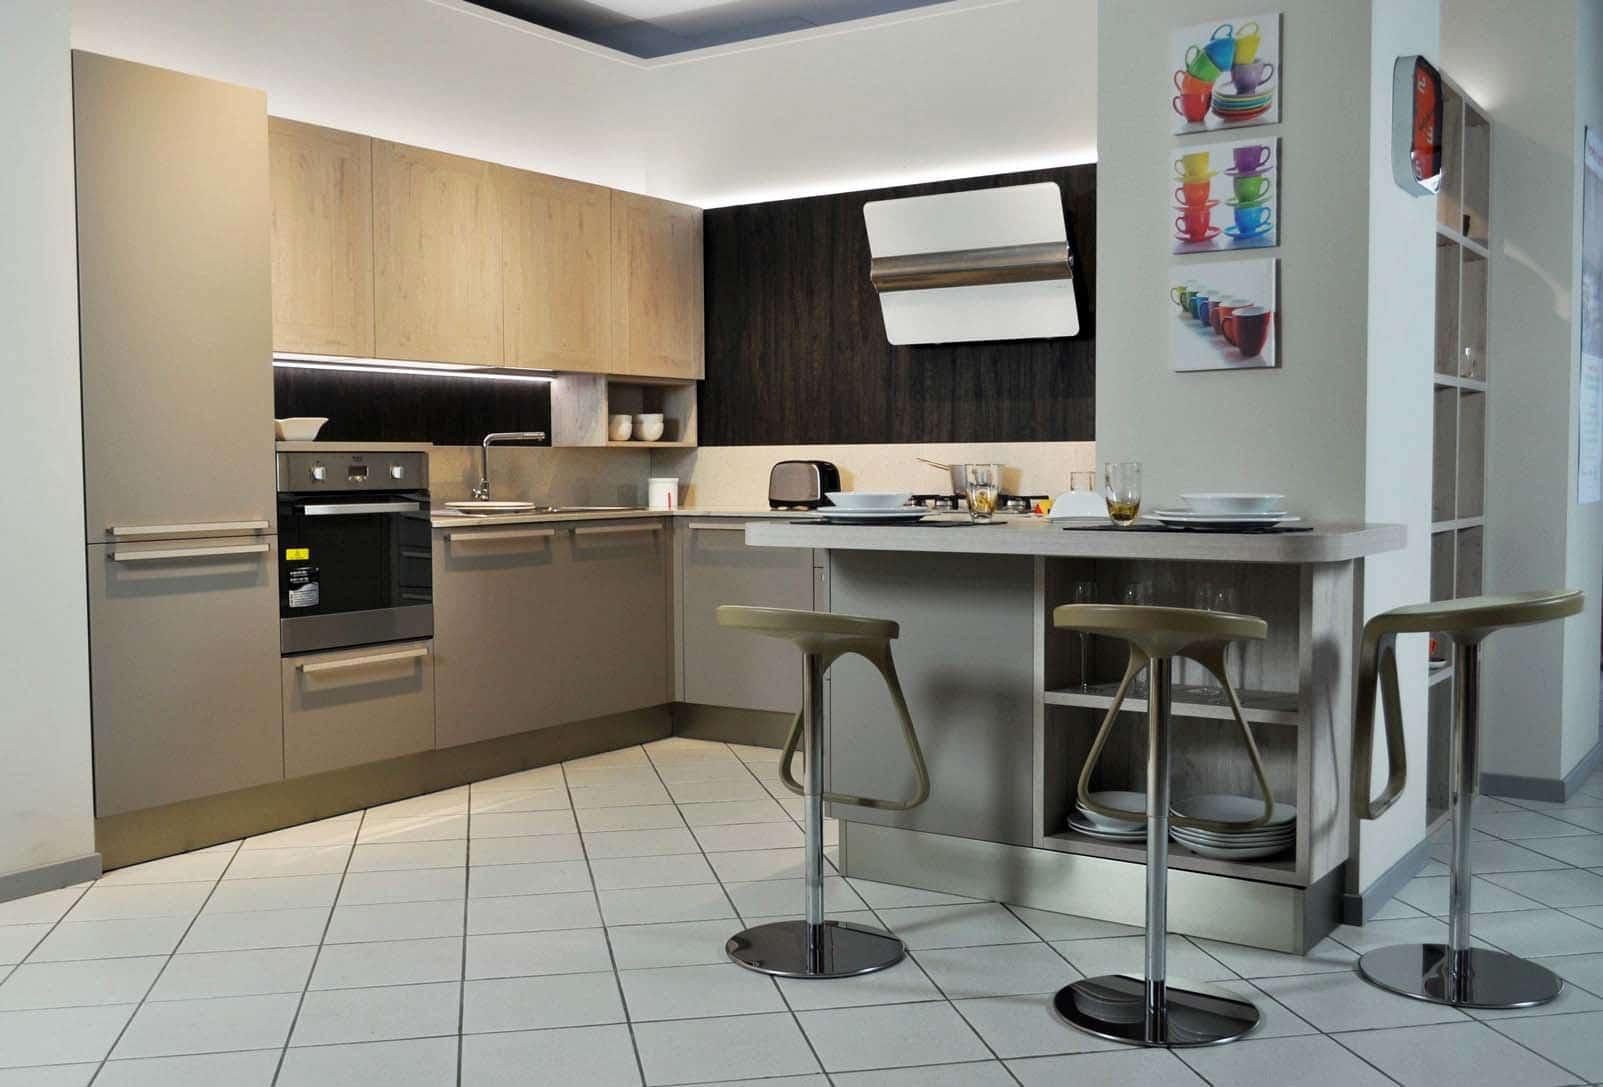 Veneta Cucine angolare con elettrodomestici Hotpoint Ariston in saldo